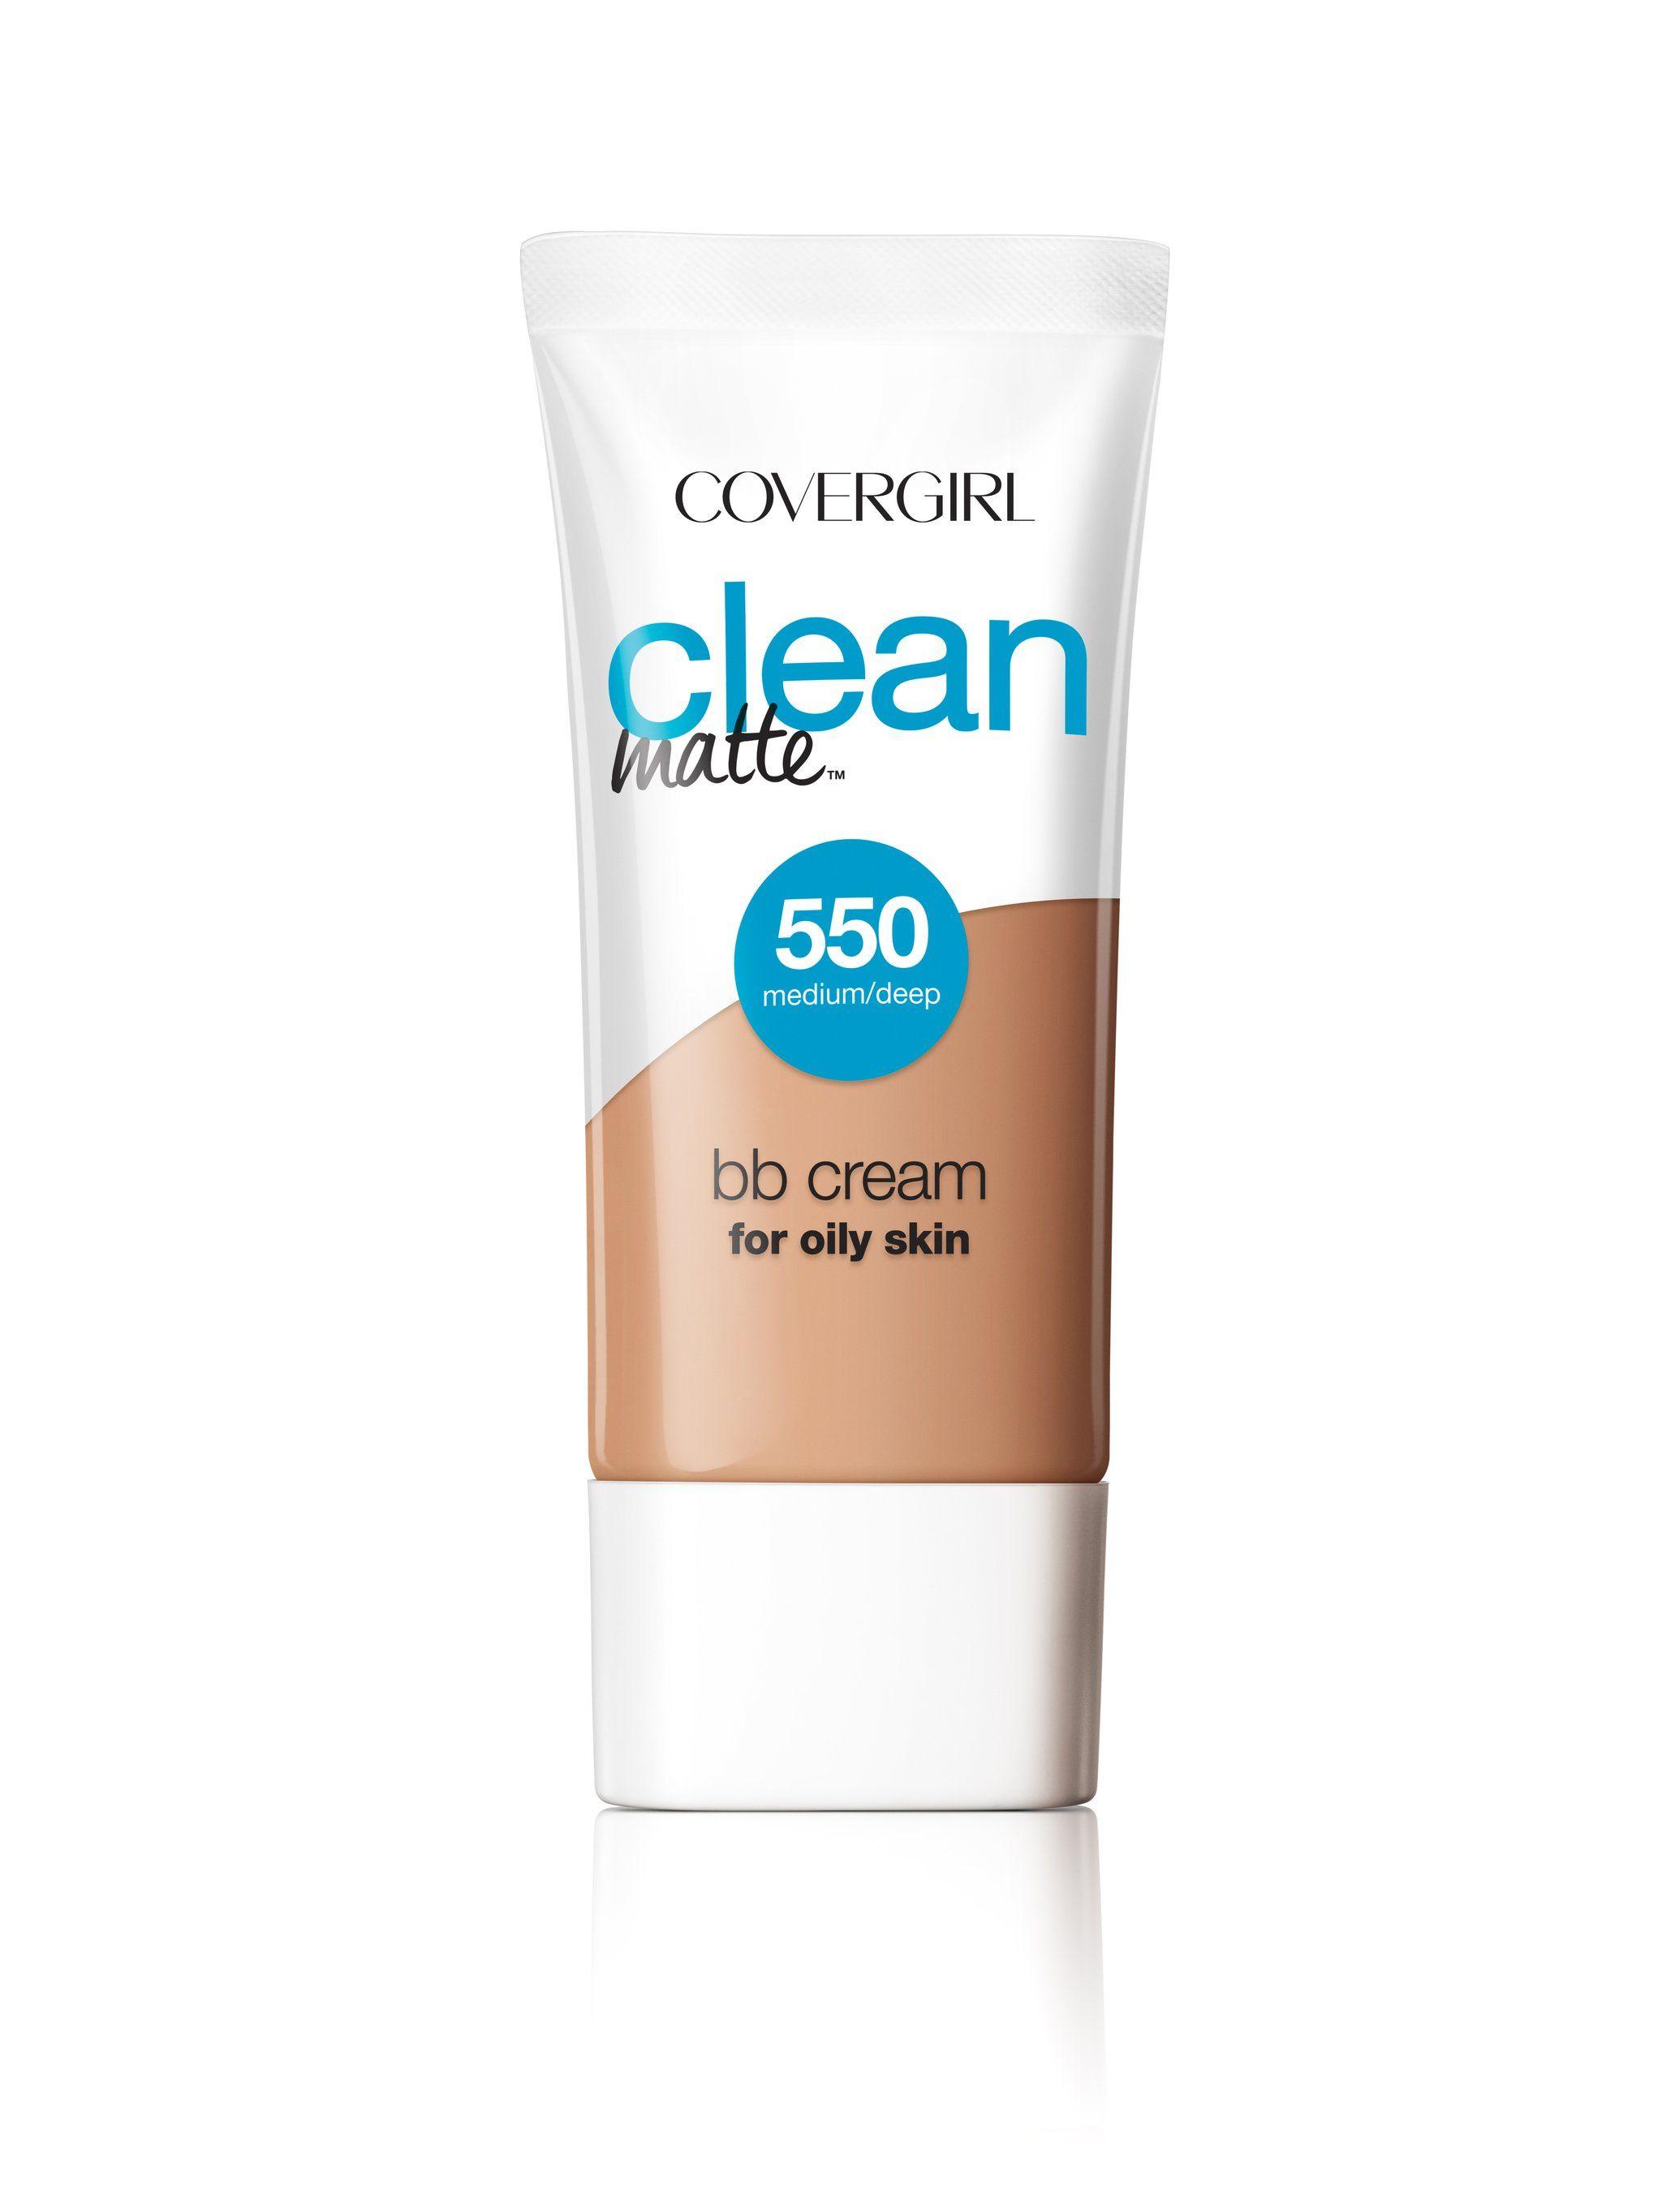 Clean Matte BB Cream Ulta Beauty in 2020 Covergirl